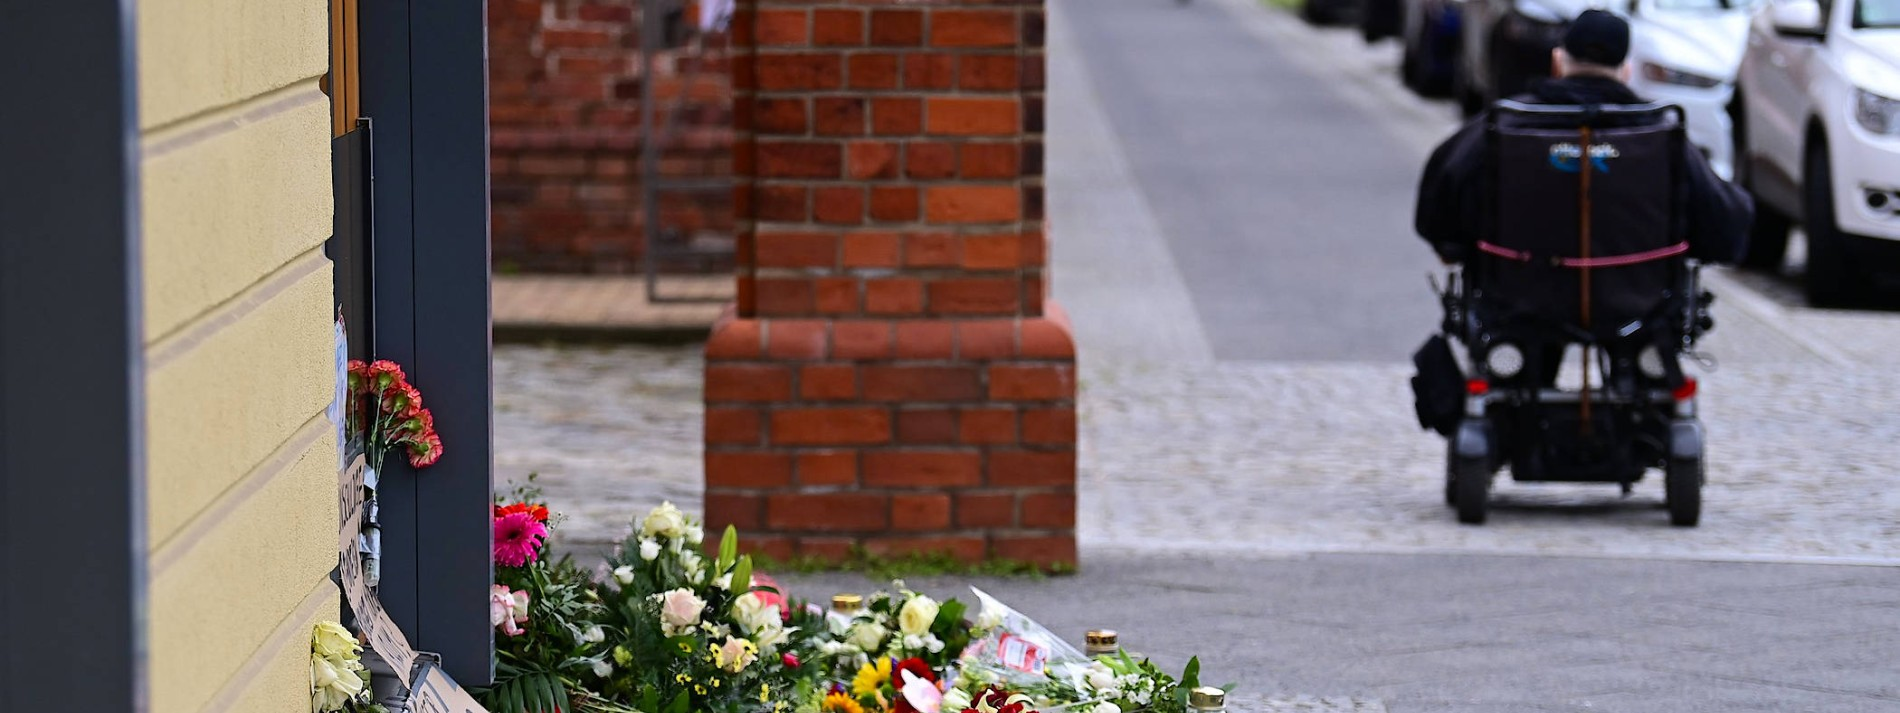 Tatverdächtige von Potsdam fordert hohe Abfindung